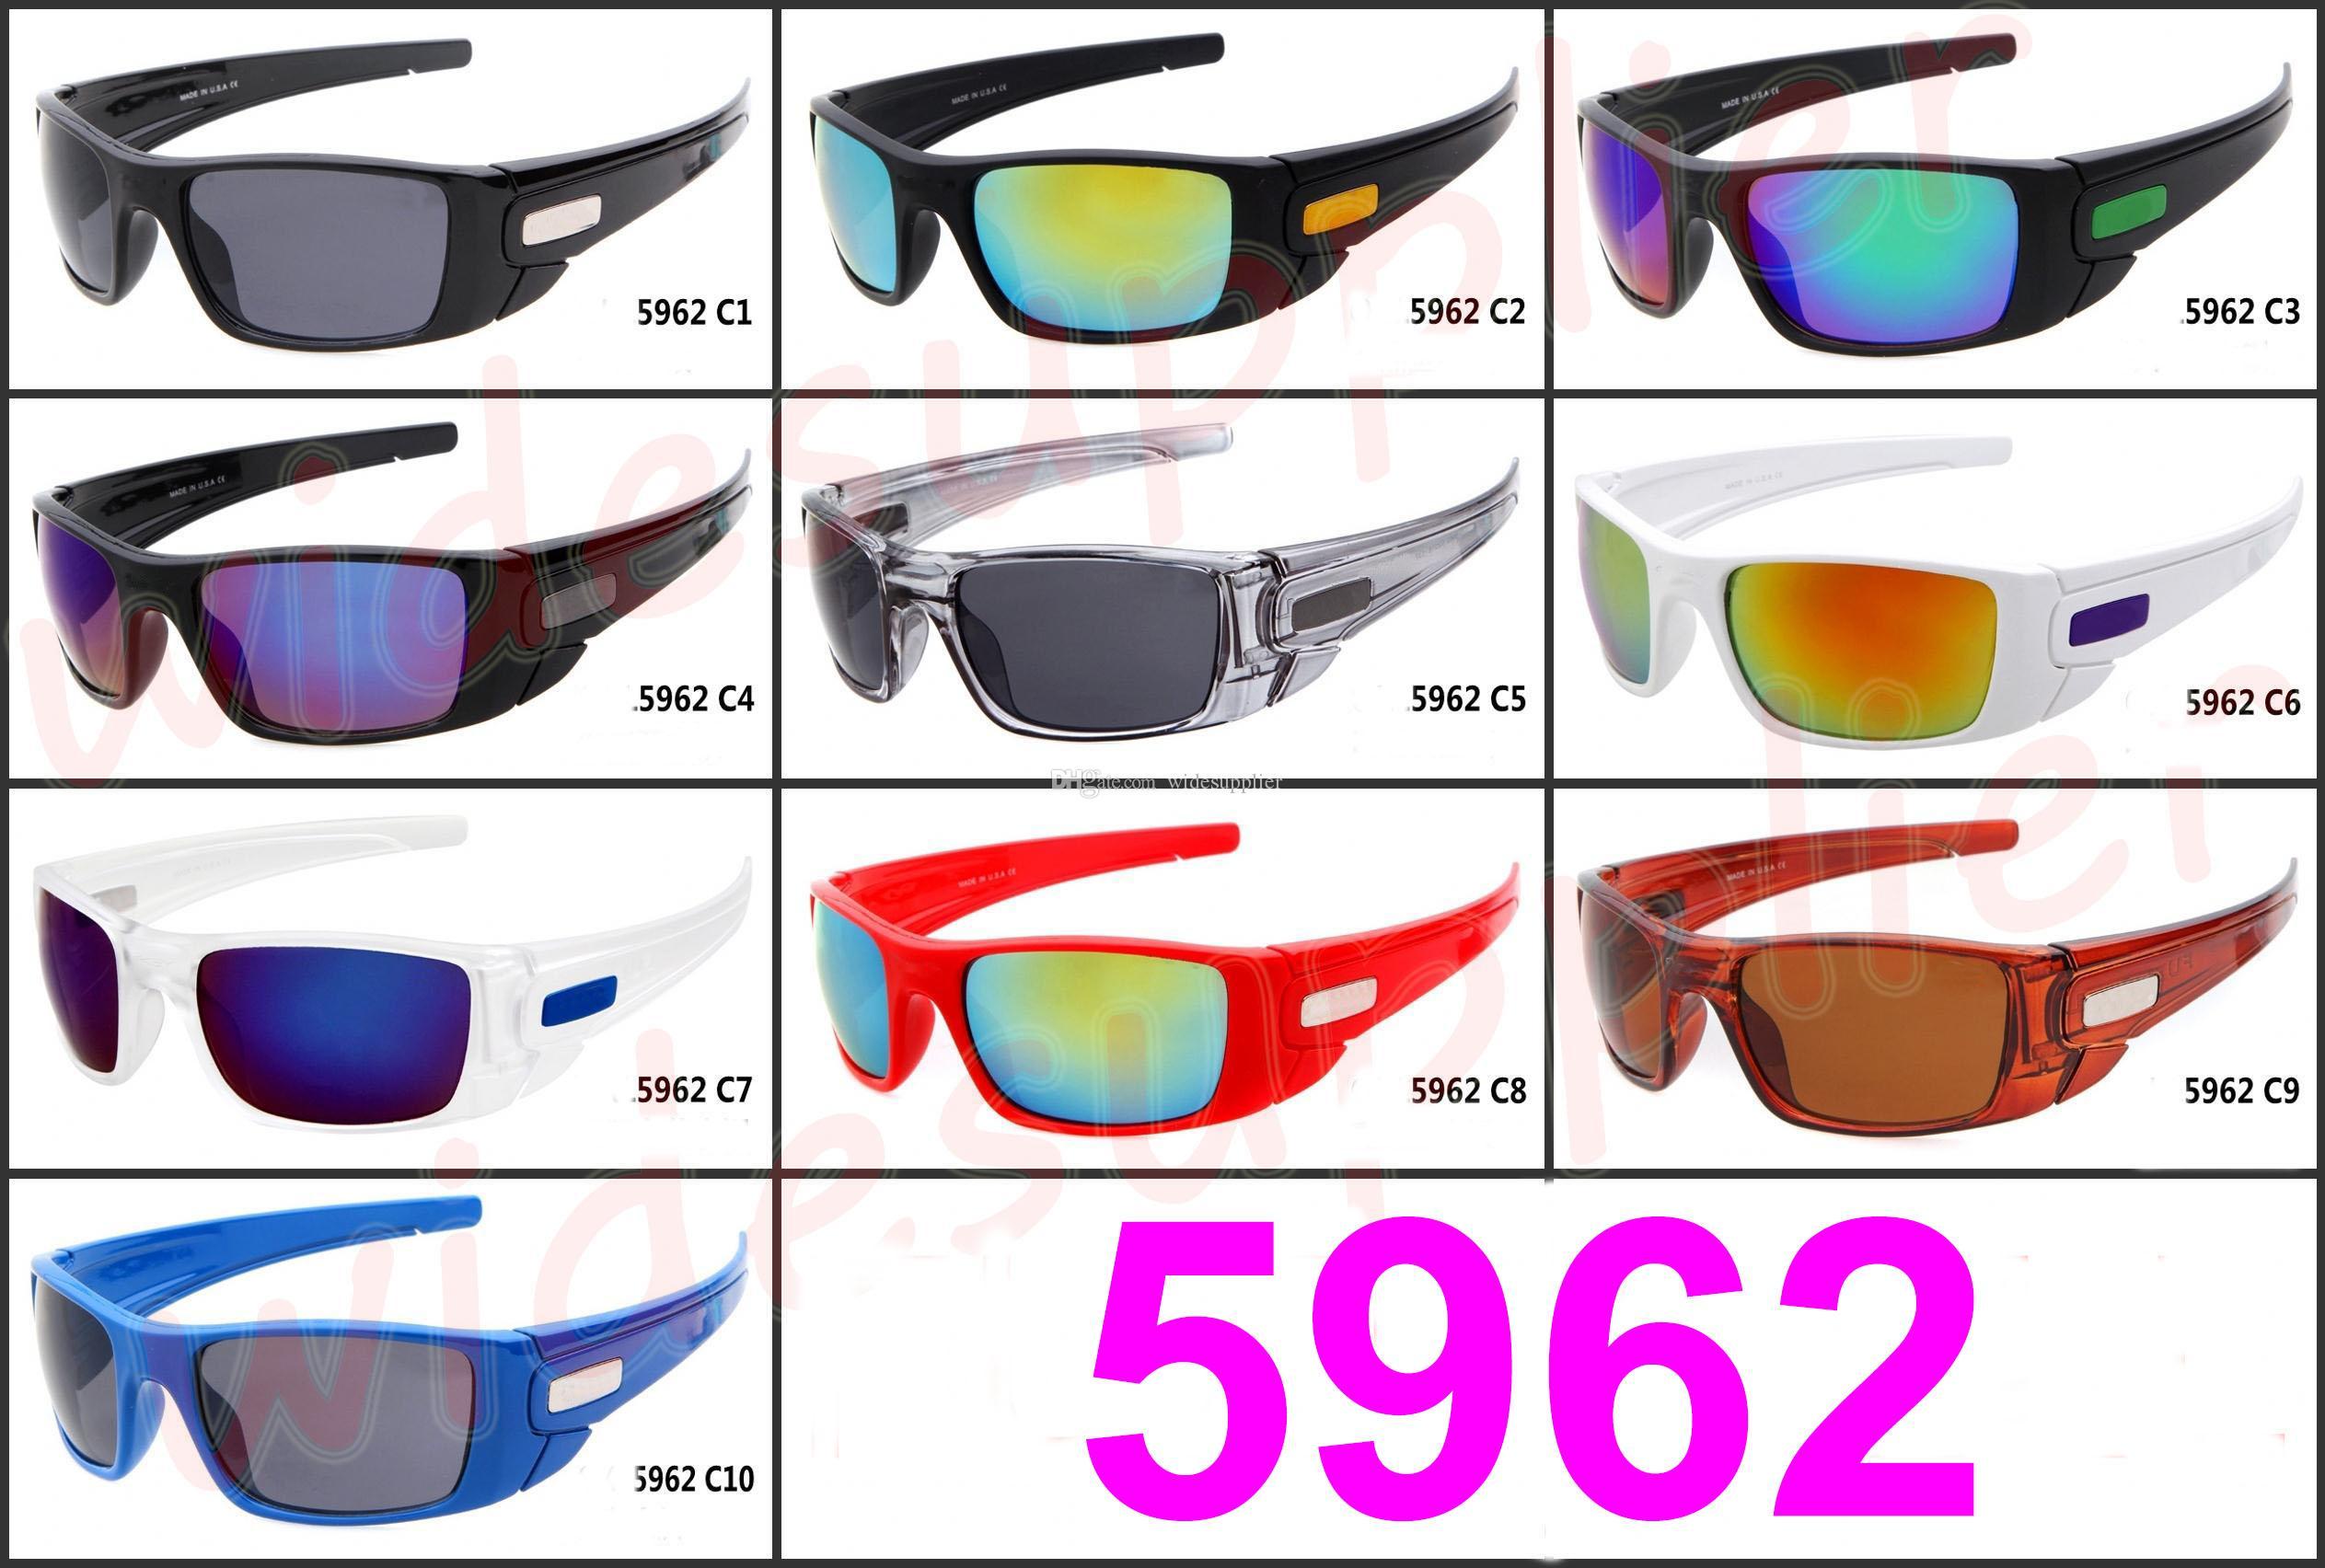 موك = 10PCS موضة جديدة الشحن إطار كبير نظارات شمس ماركة شعبية ركوب الدراجات الرياضة في الهواء الطلق نظارات شمسية نظارات شمسية مجانية